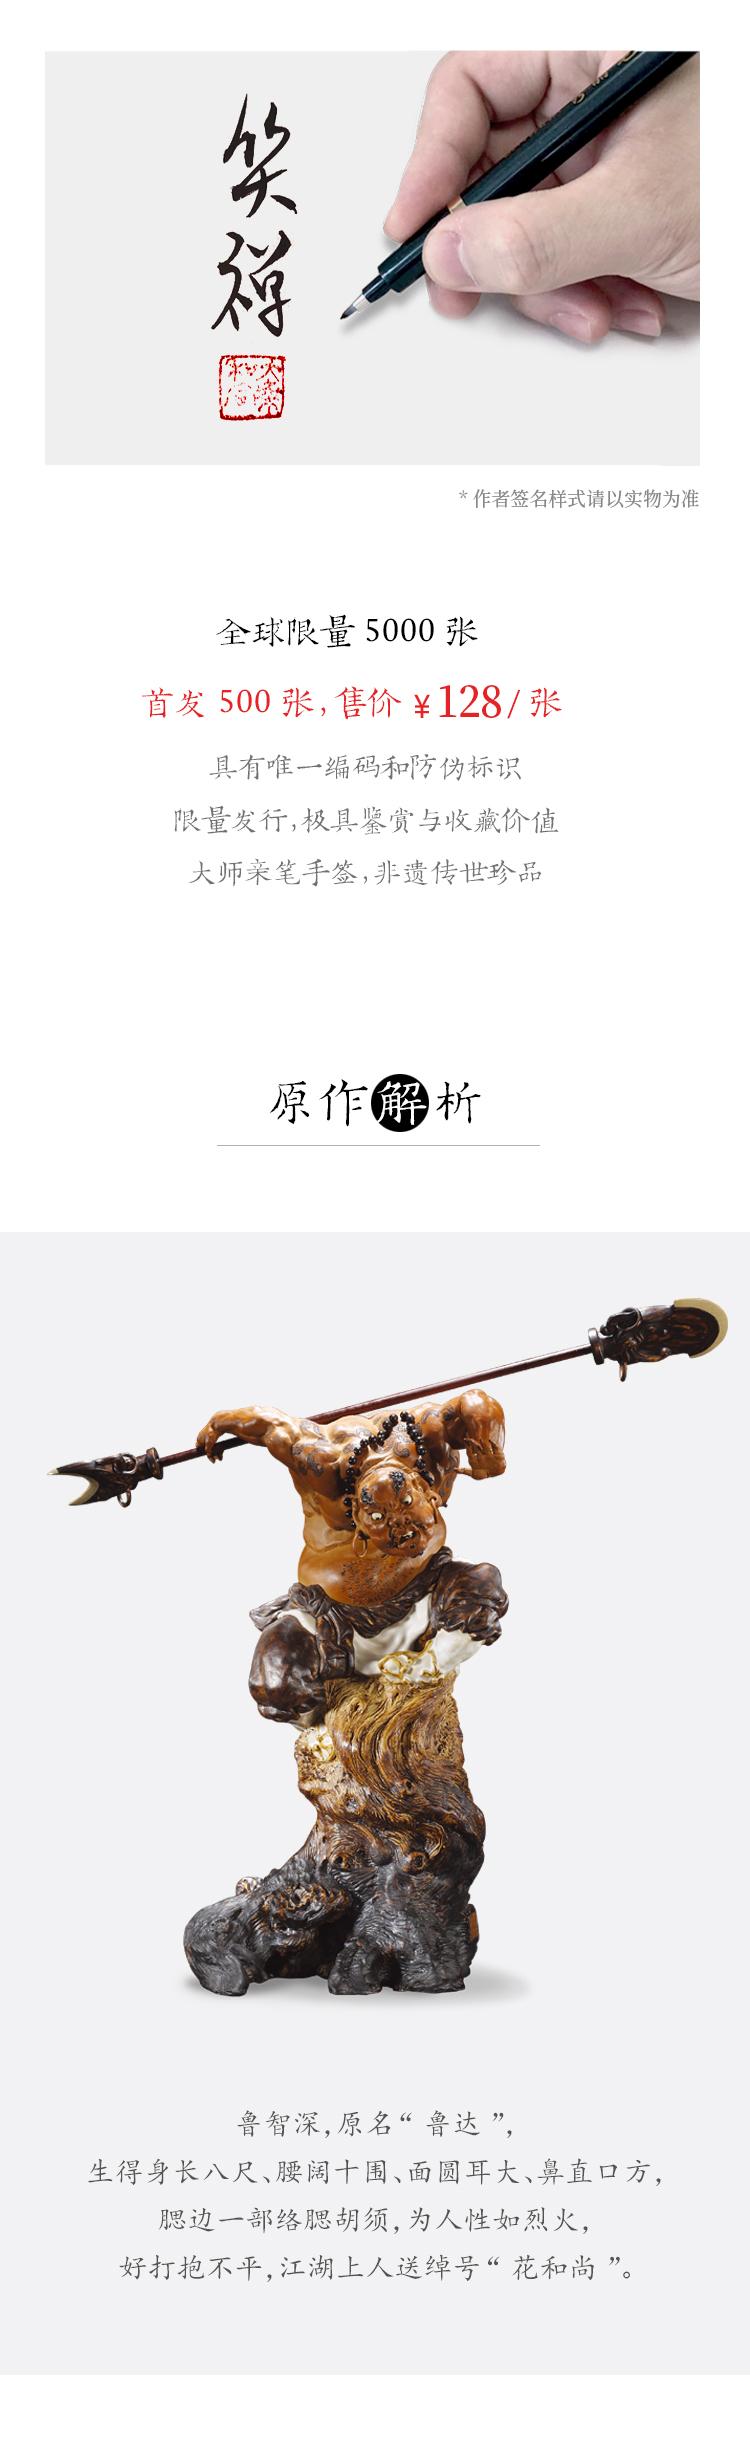 鲁智深大闹野猪林_02.jpg